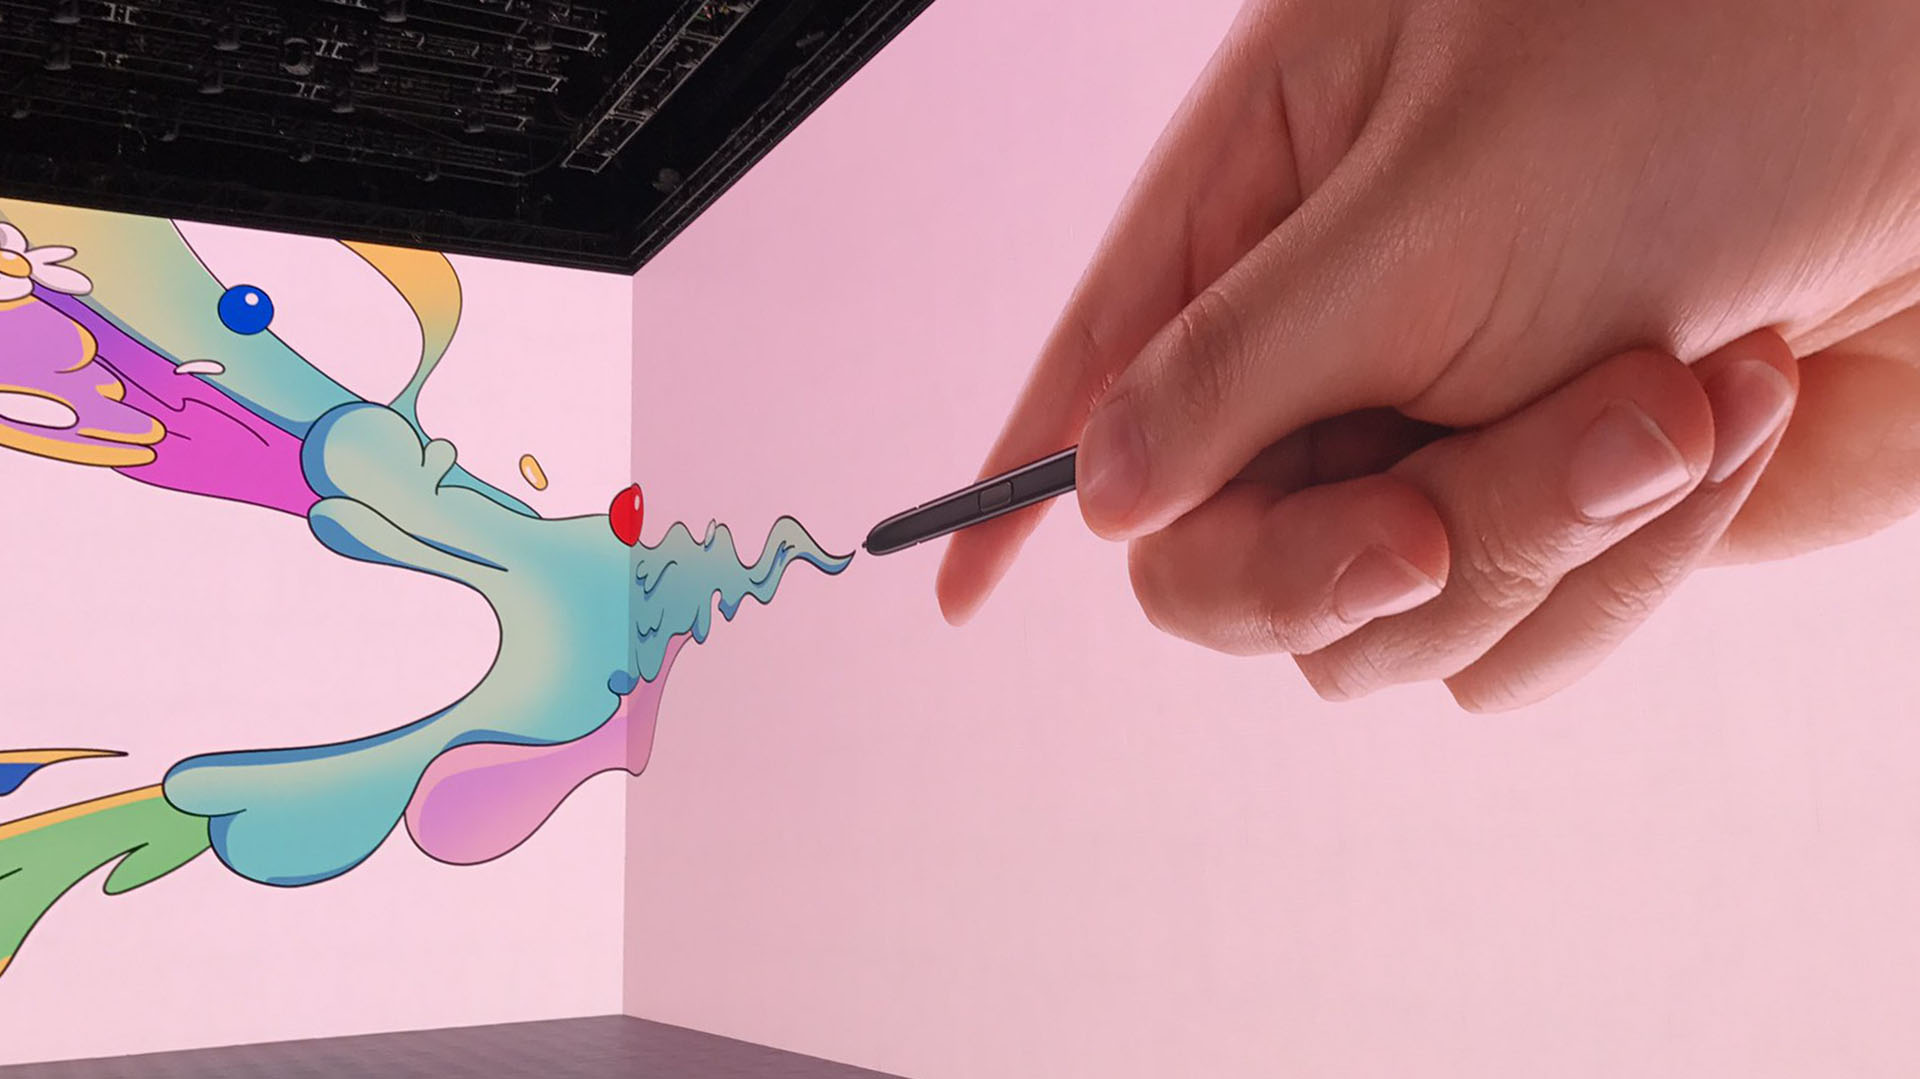 El lápiz digital del Galaxy Note 8, el S-Pen, permitirá a los usuarios dibujar en el dispositivo móvil